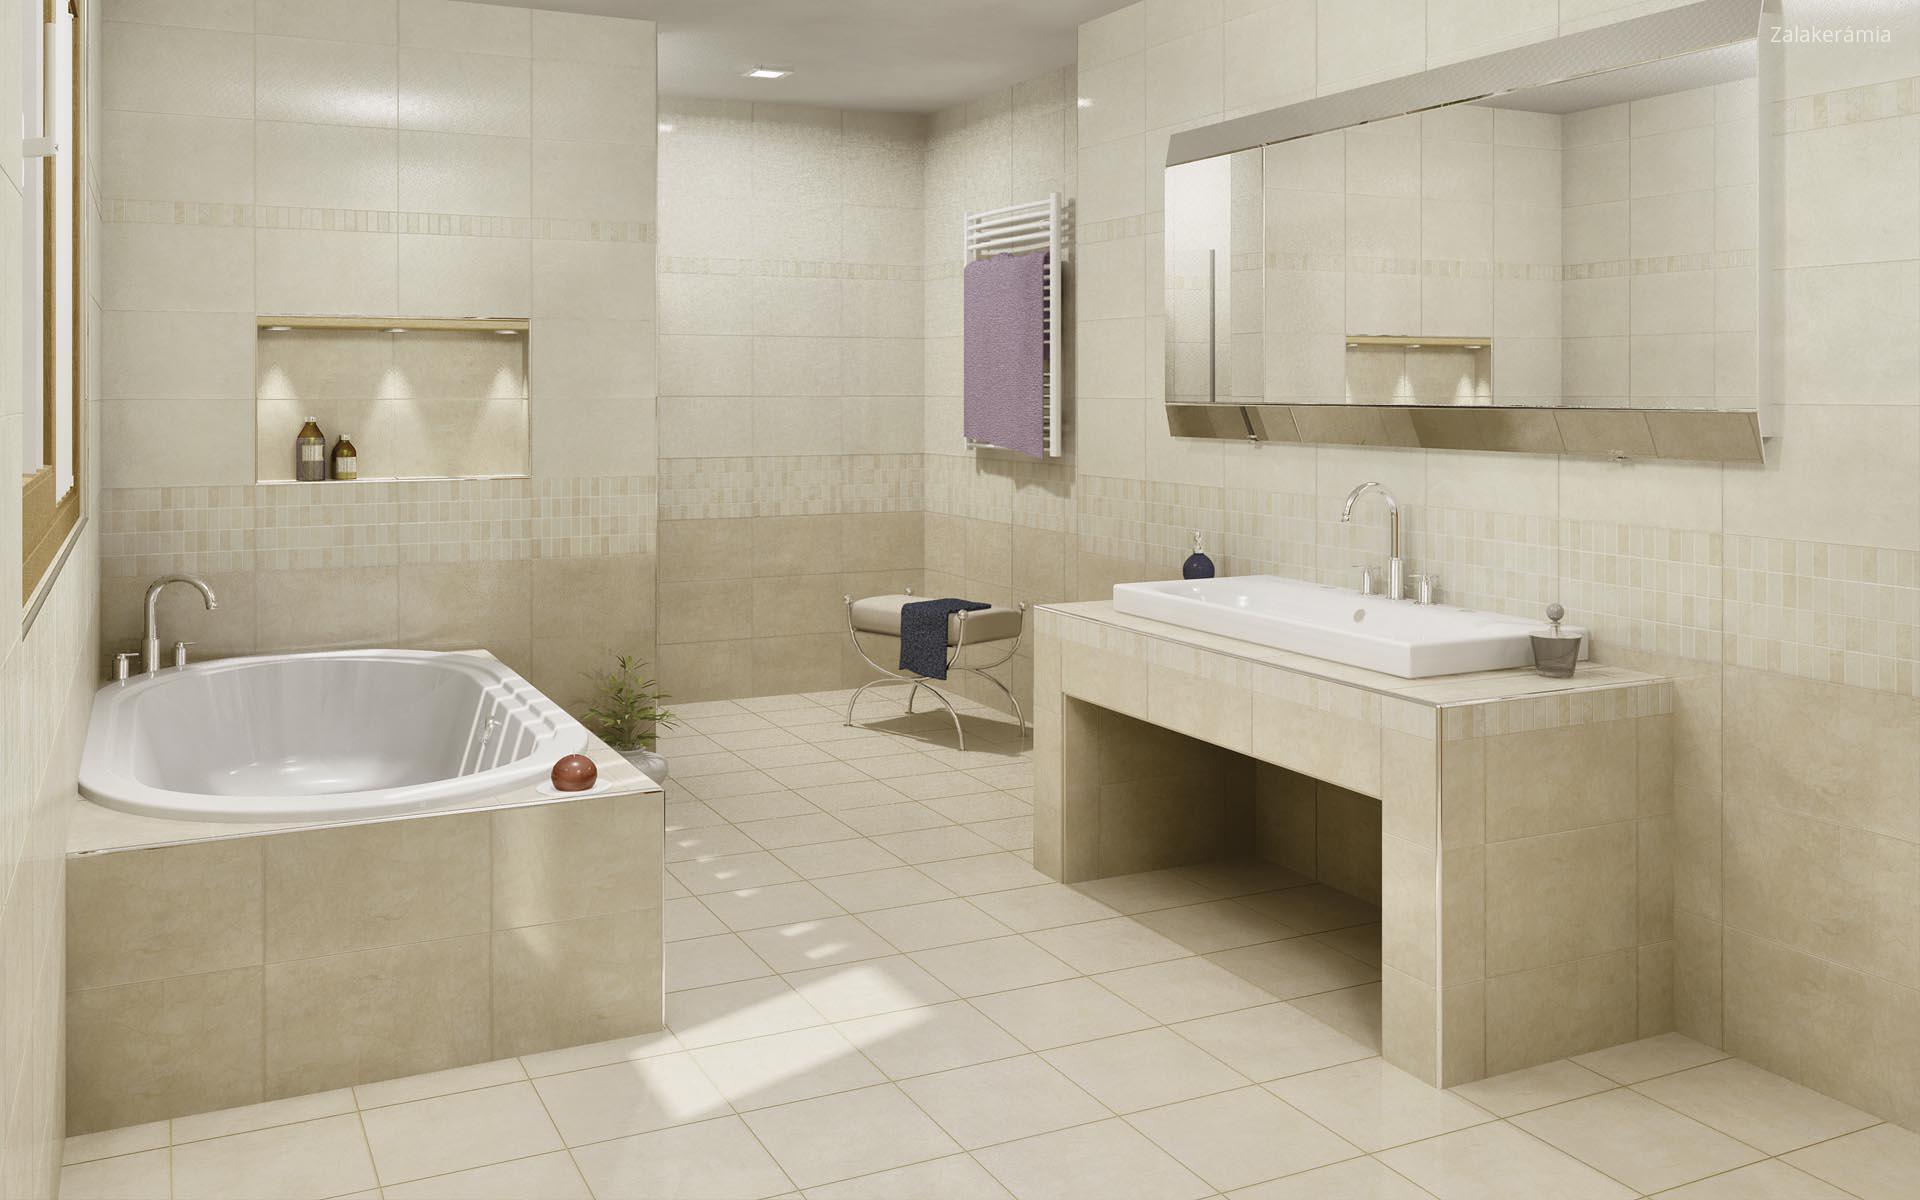 ALBUS fürdőszoba burkolat // HOMEINFO.hu - Inspirációtár